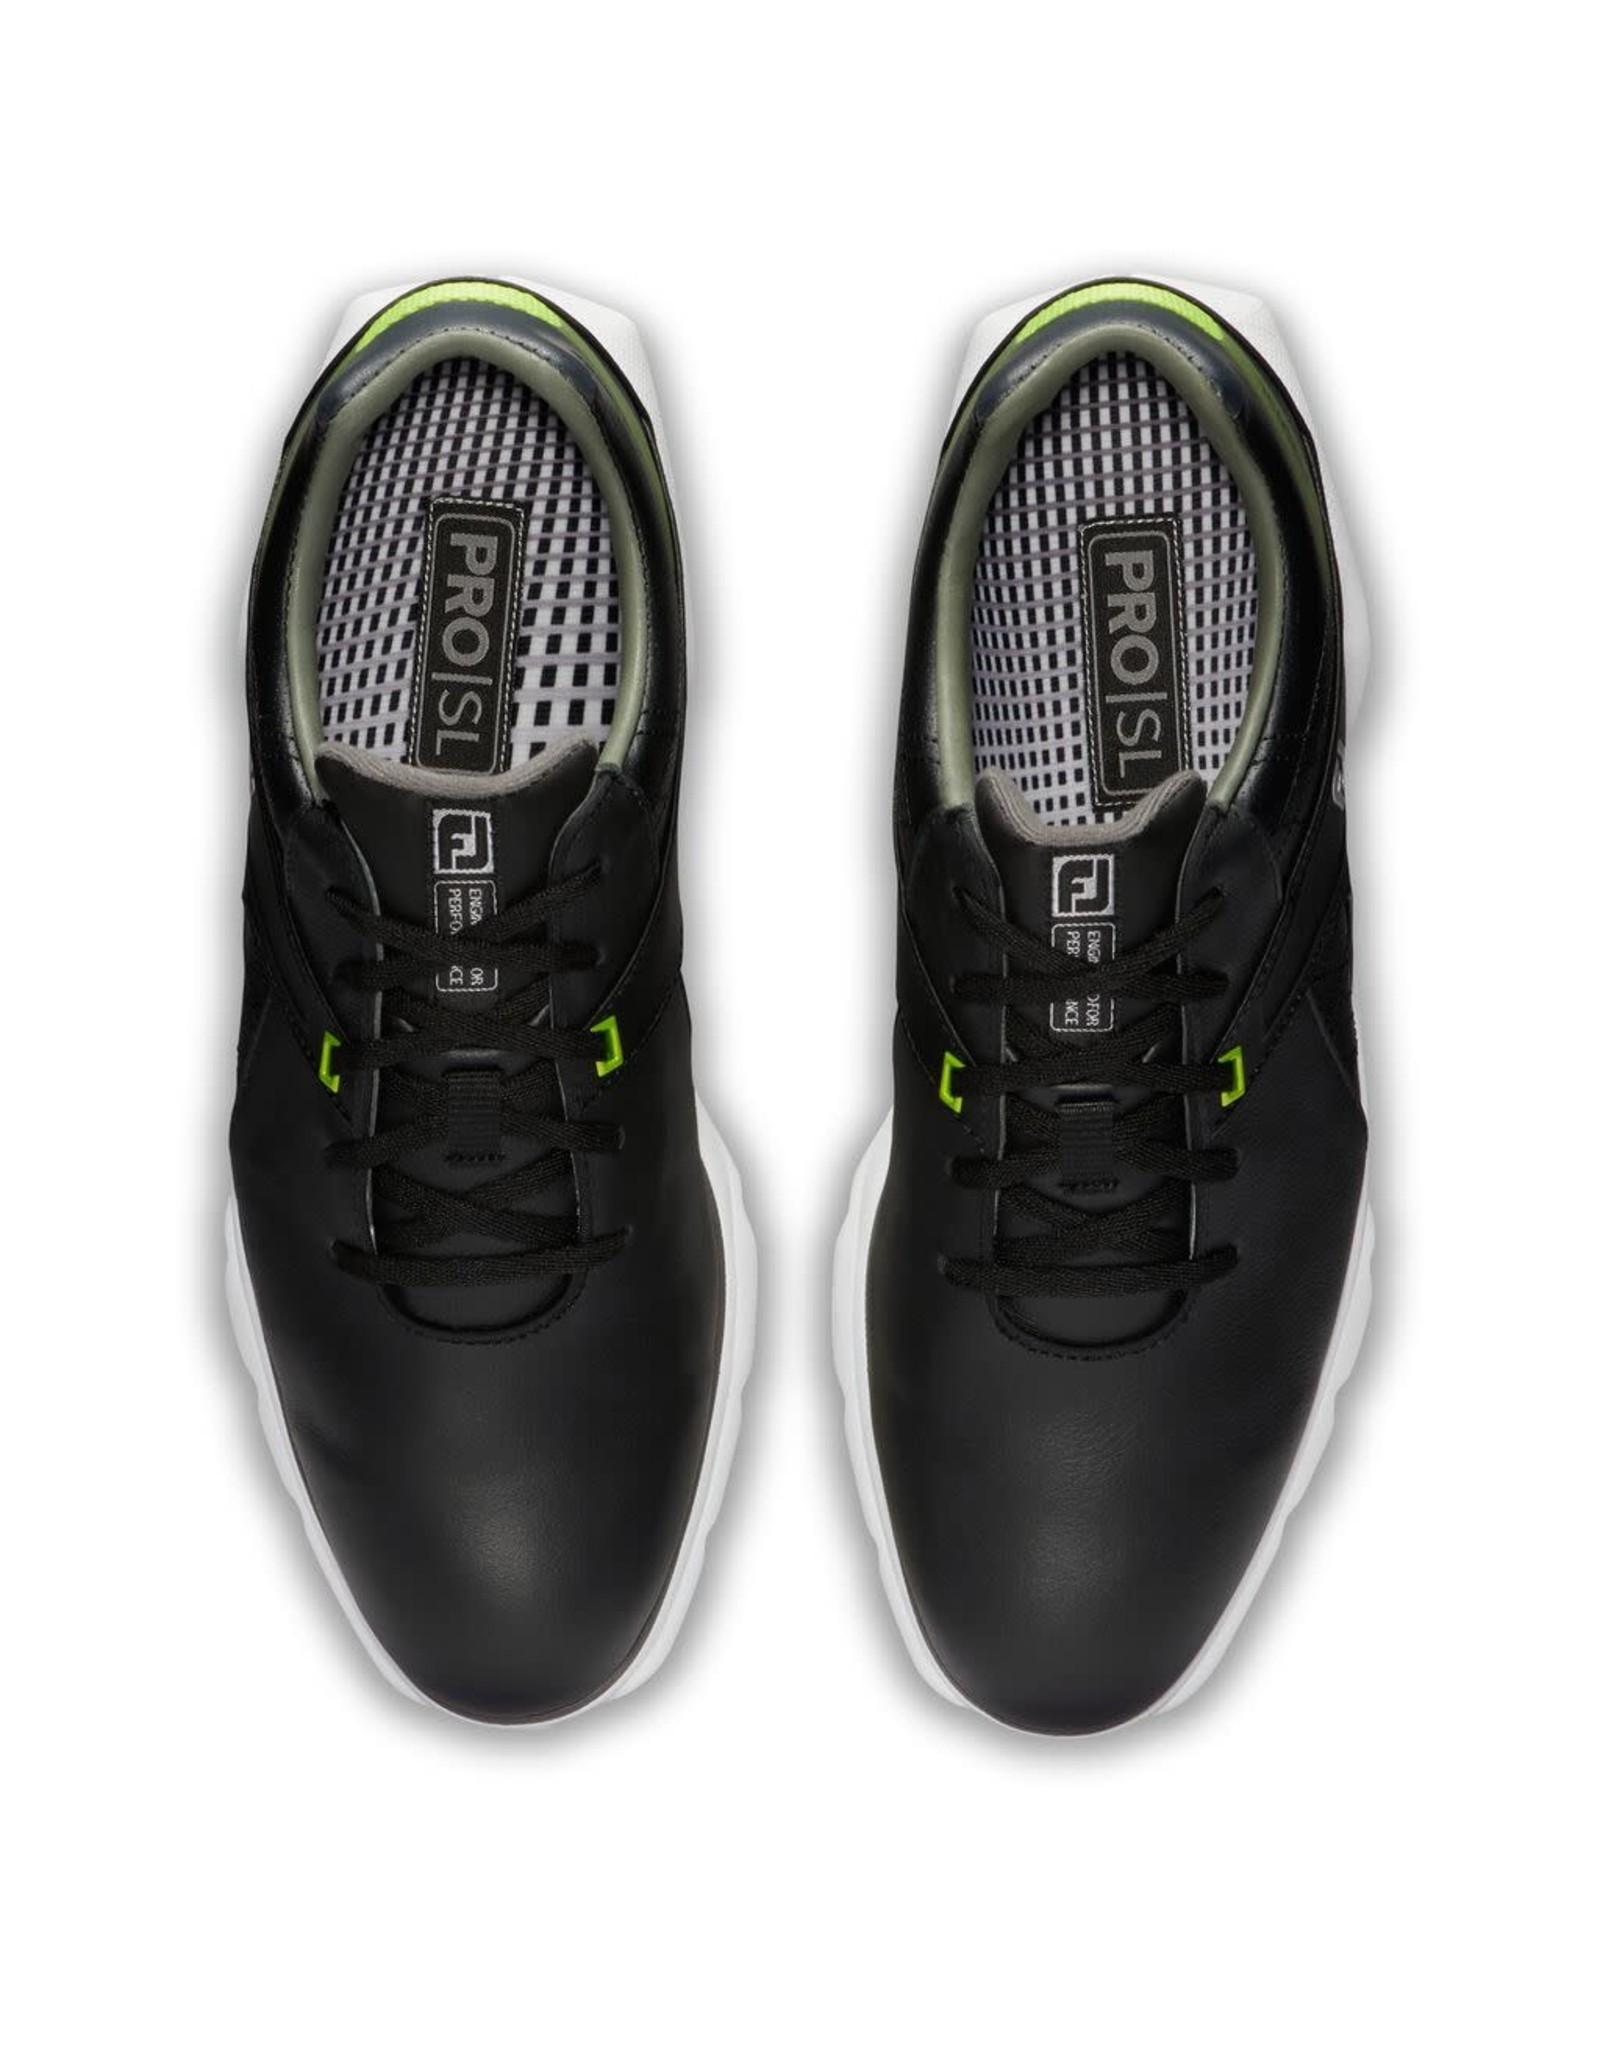 FJ FJ Pro SL Black